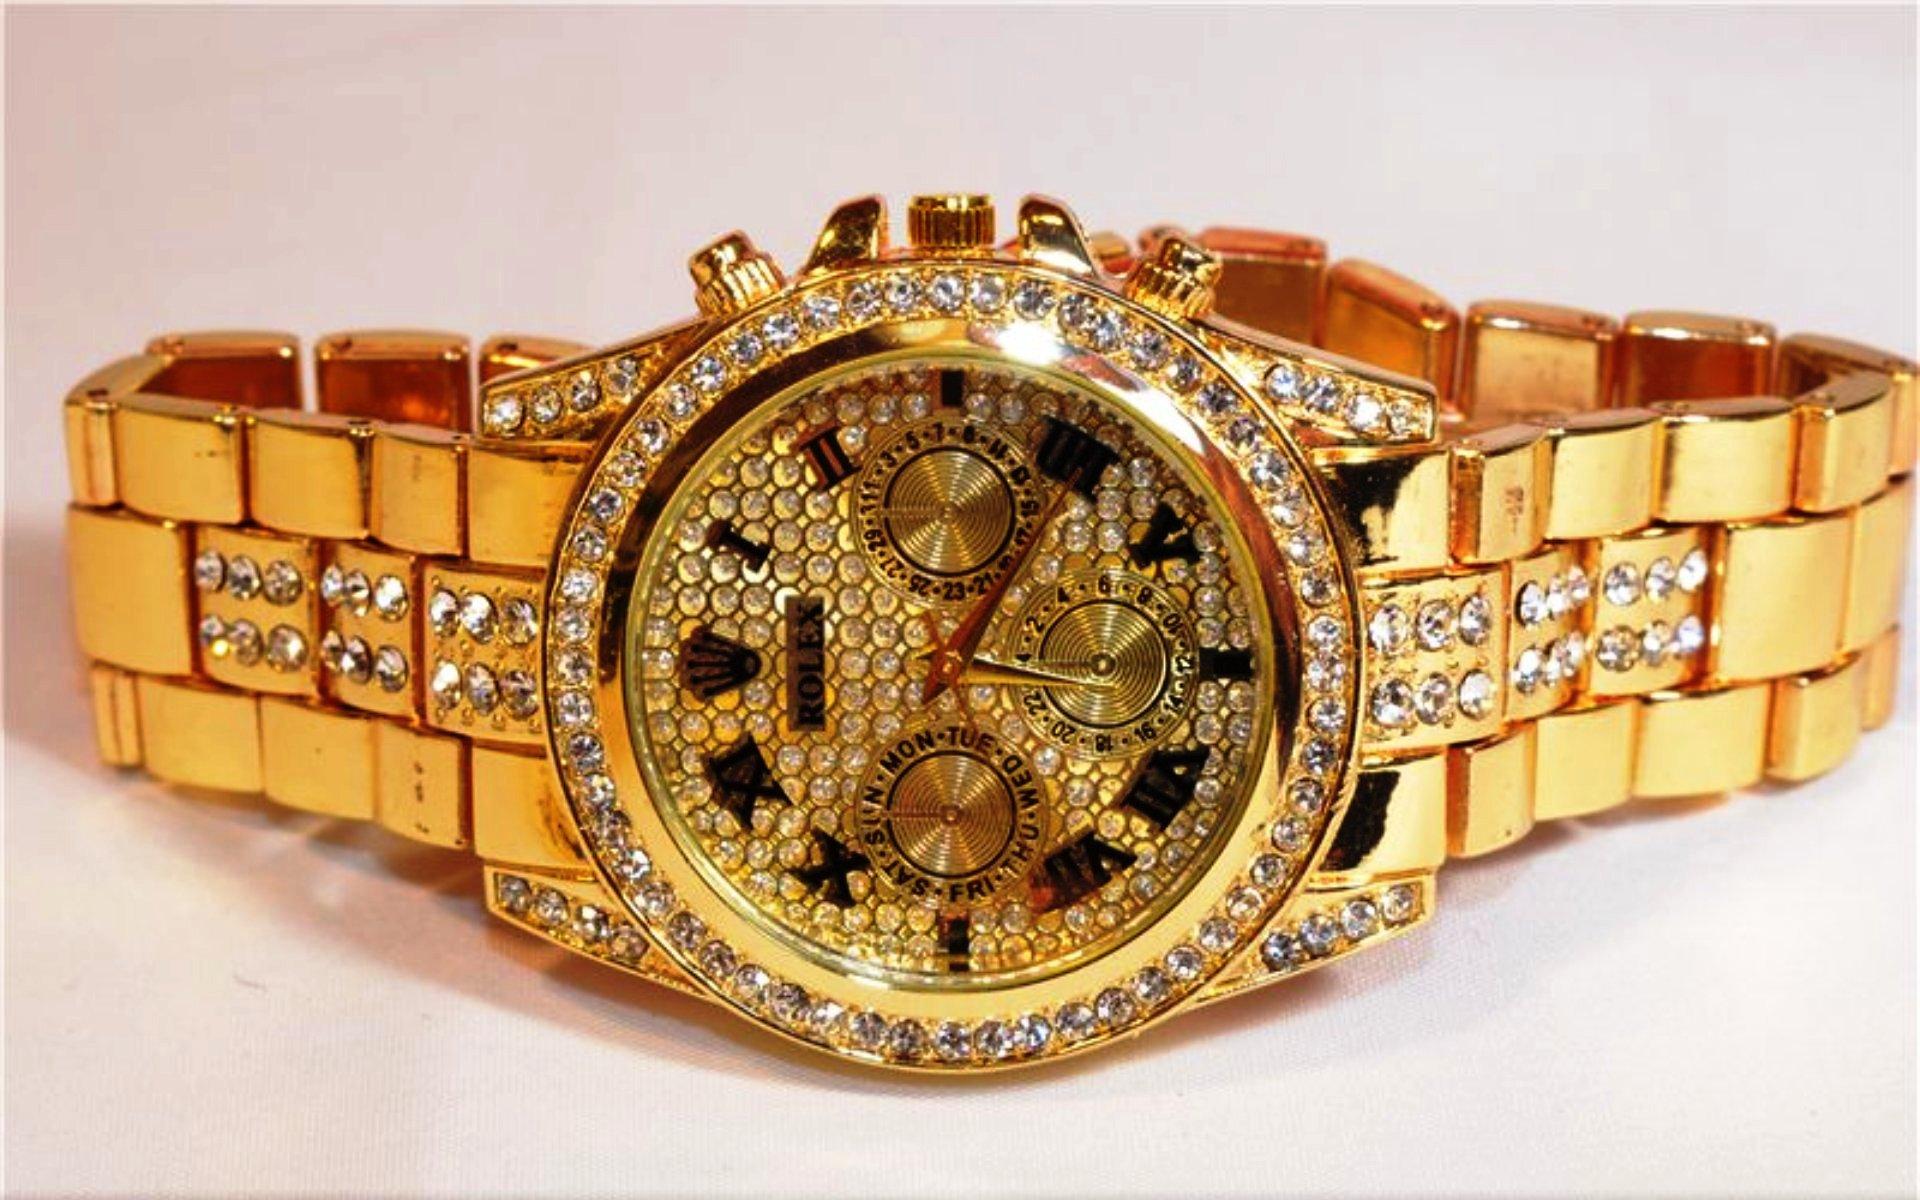 Часы могут подсказывать время каких-то важных событий и привлекать внимание к тому, что ещё не сделано.